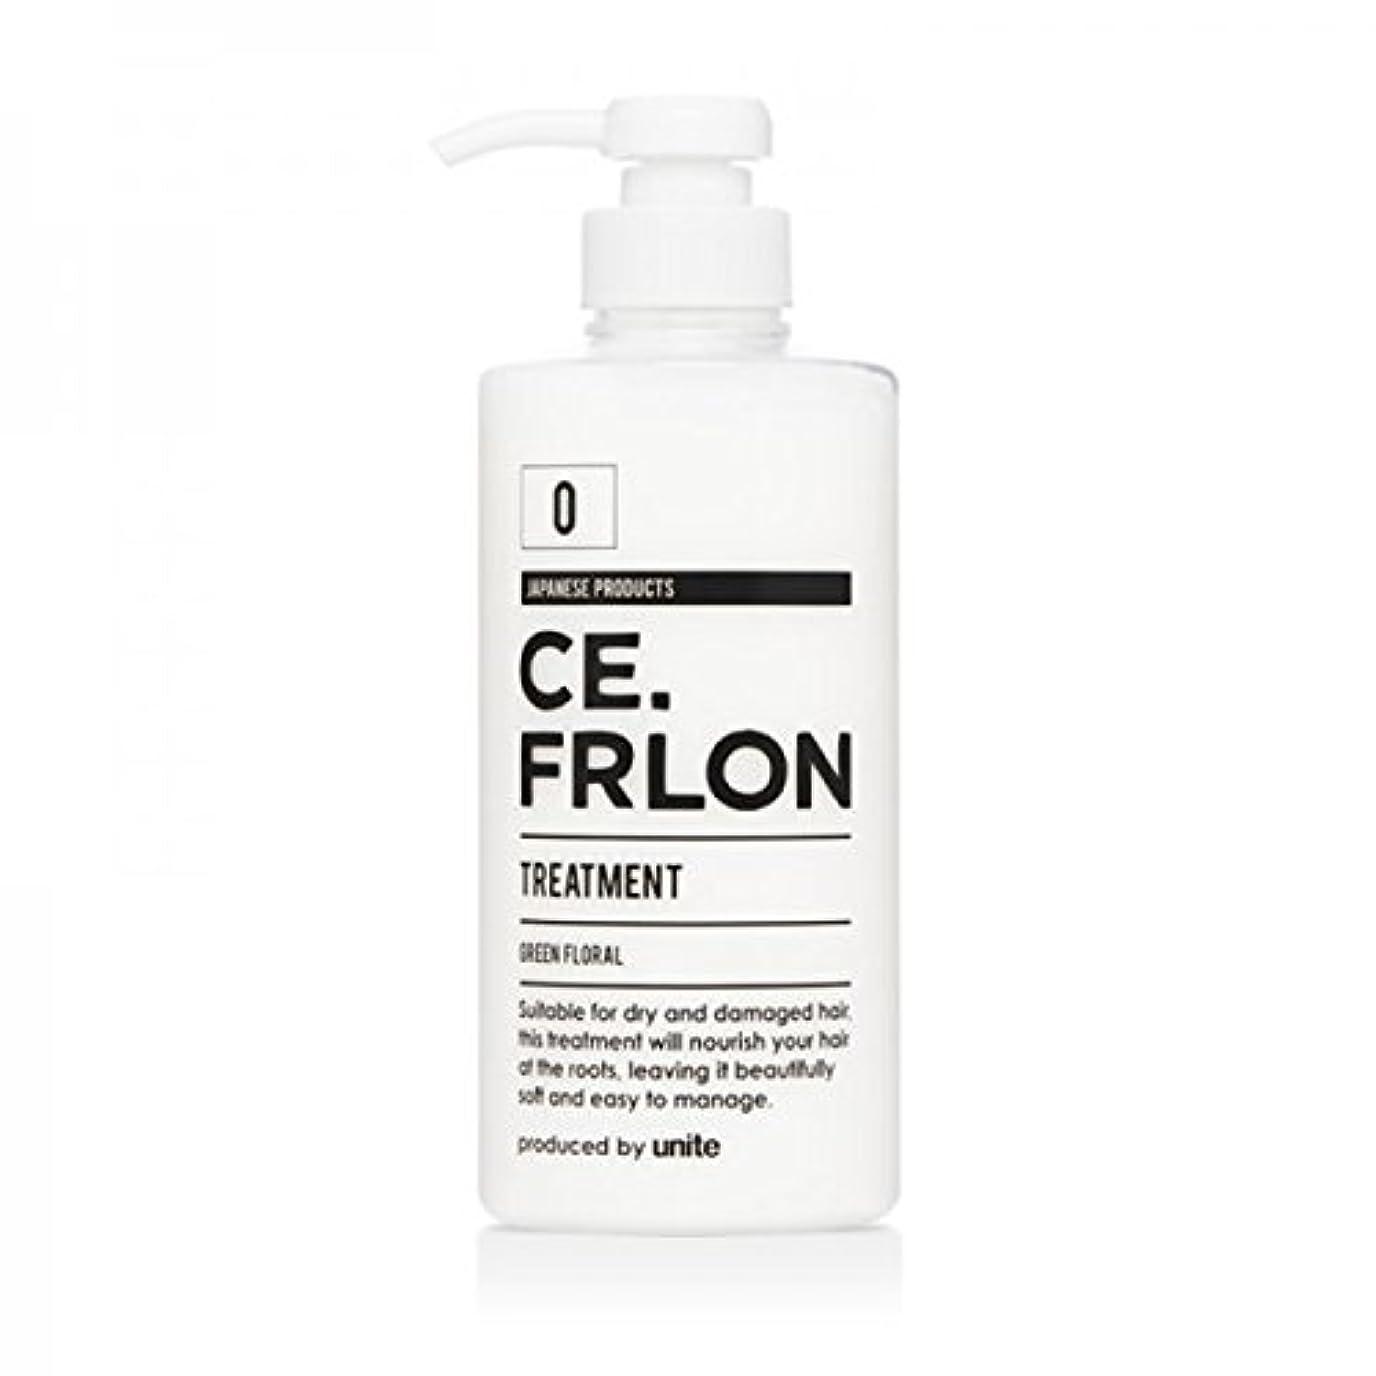 ポルトガル語アレルギー変更トリートメント 500g CE.FRLON (美容師が開発したヘアケア商品)